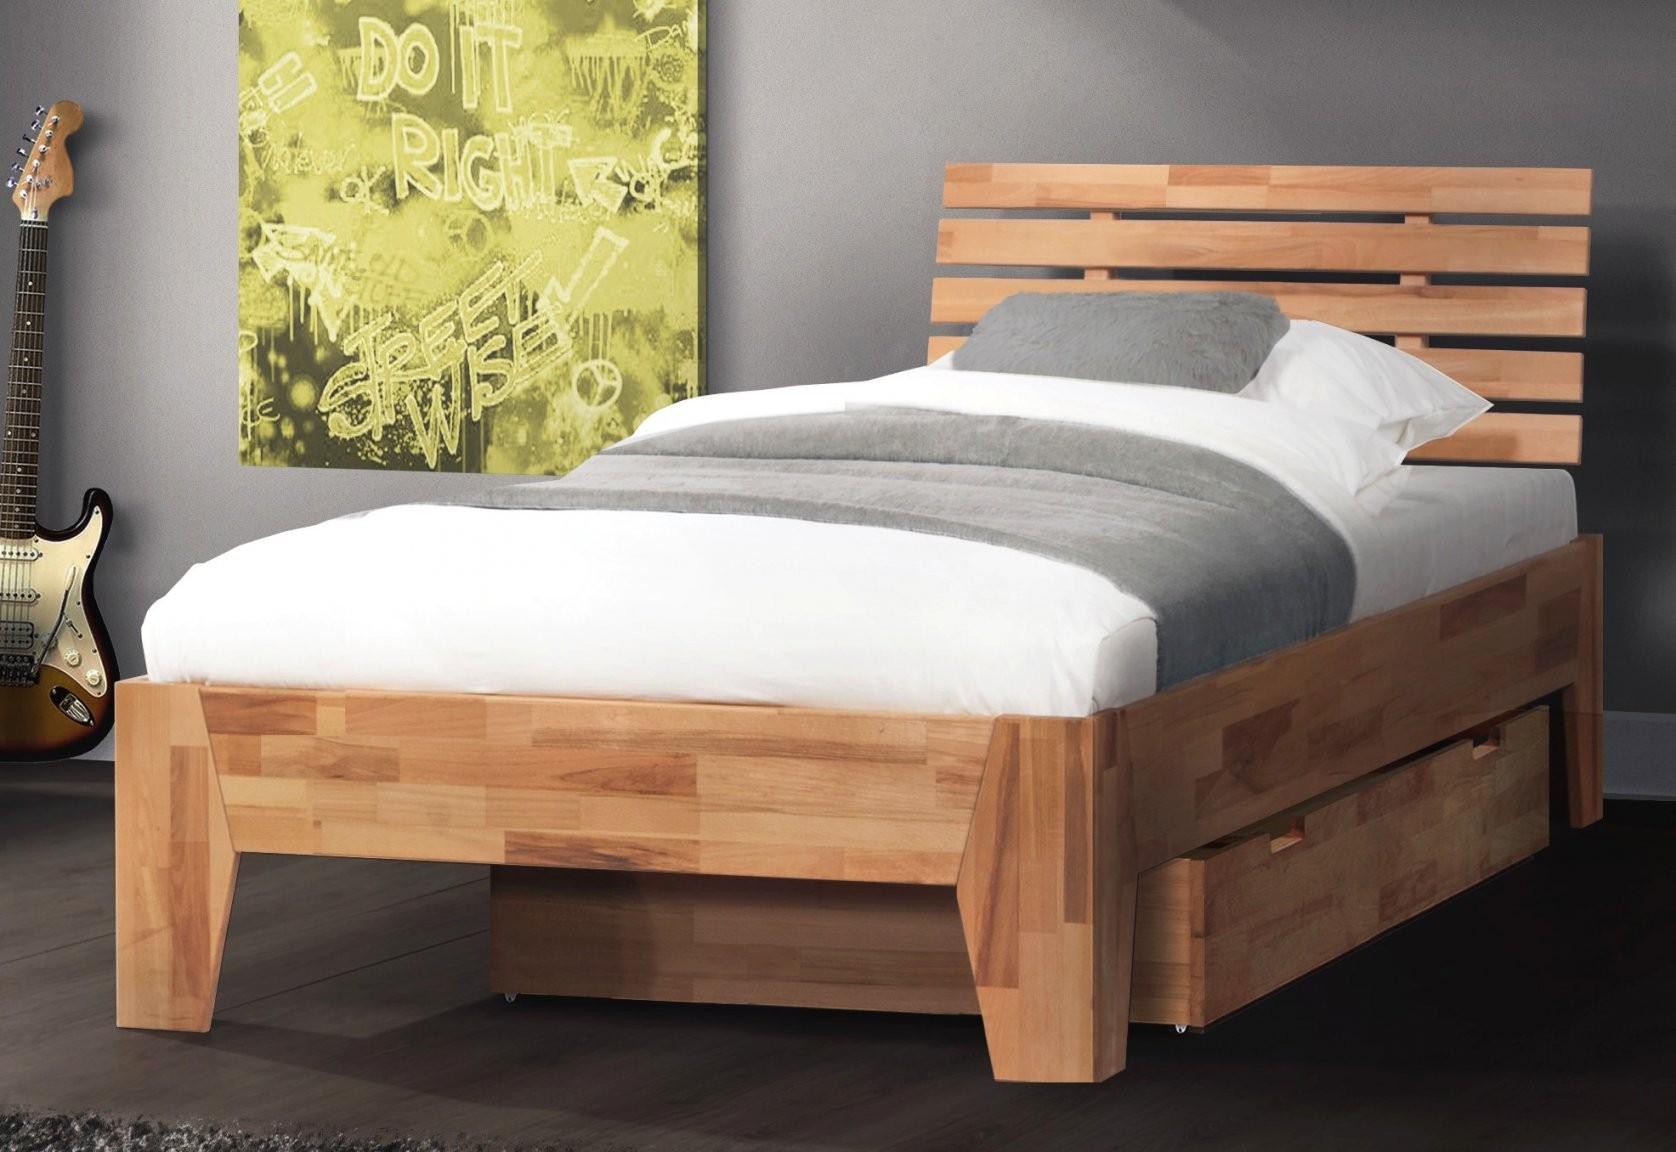 Betten Mit Matratze Und Lattenrost 140X200 Schockierend Auf Kreative von Günstiges Bett 140X200 Mit Matratze Photo